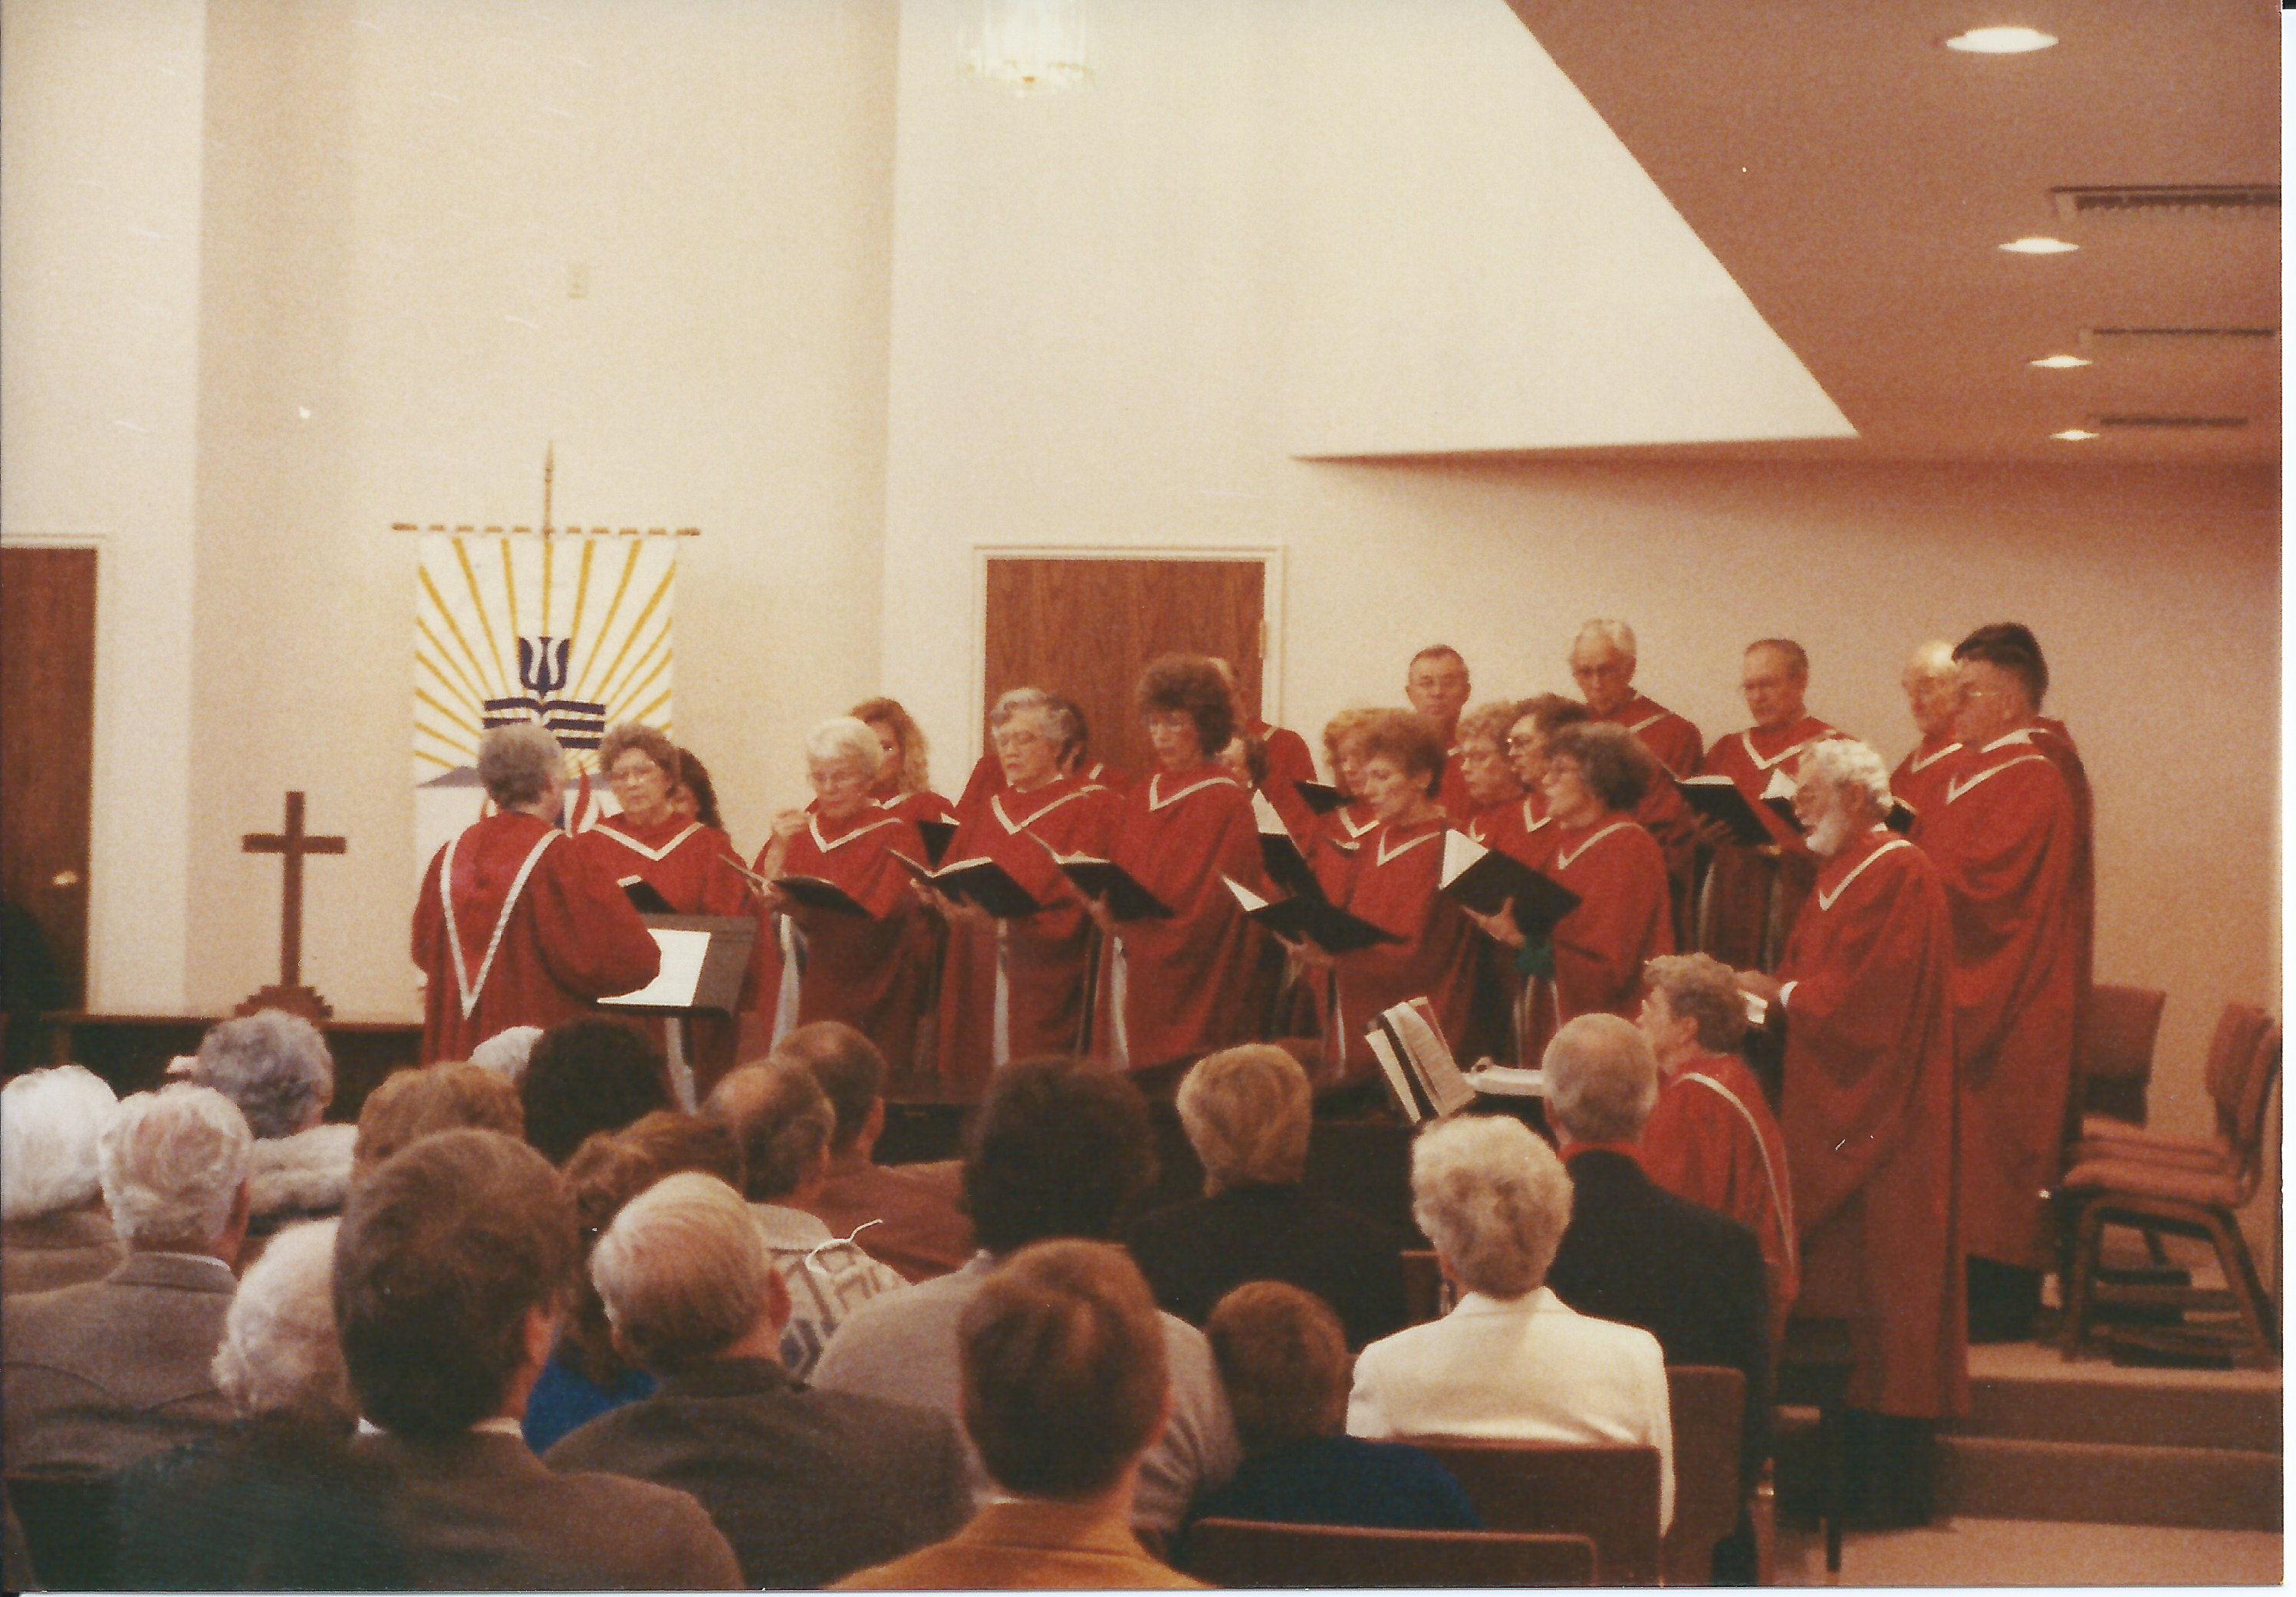 Choir_at_Dedication.jpg